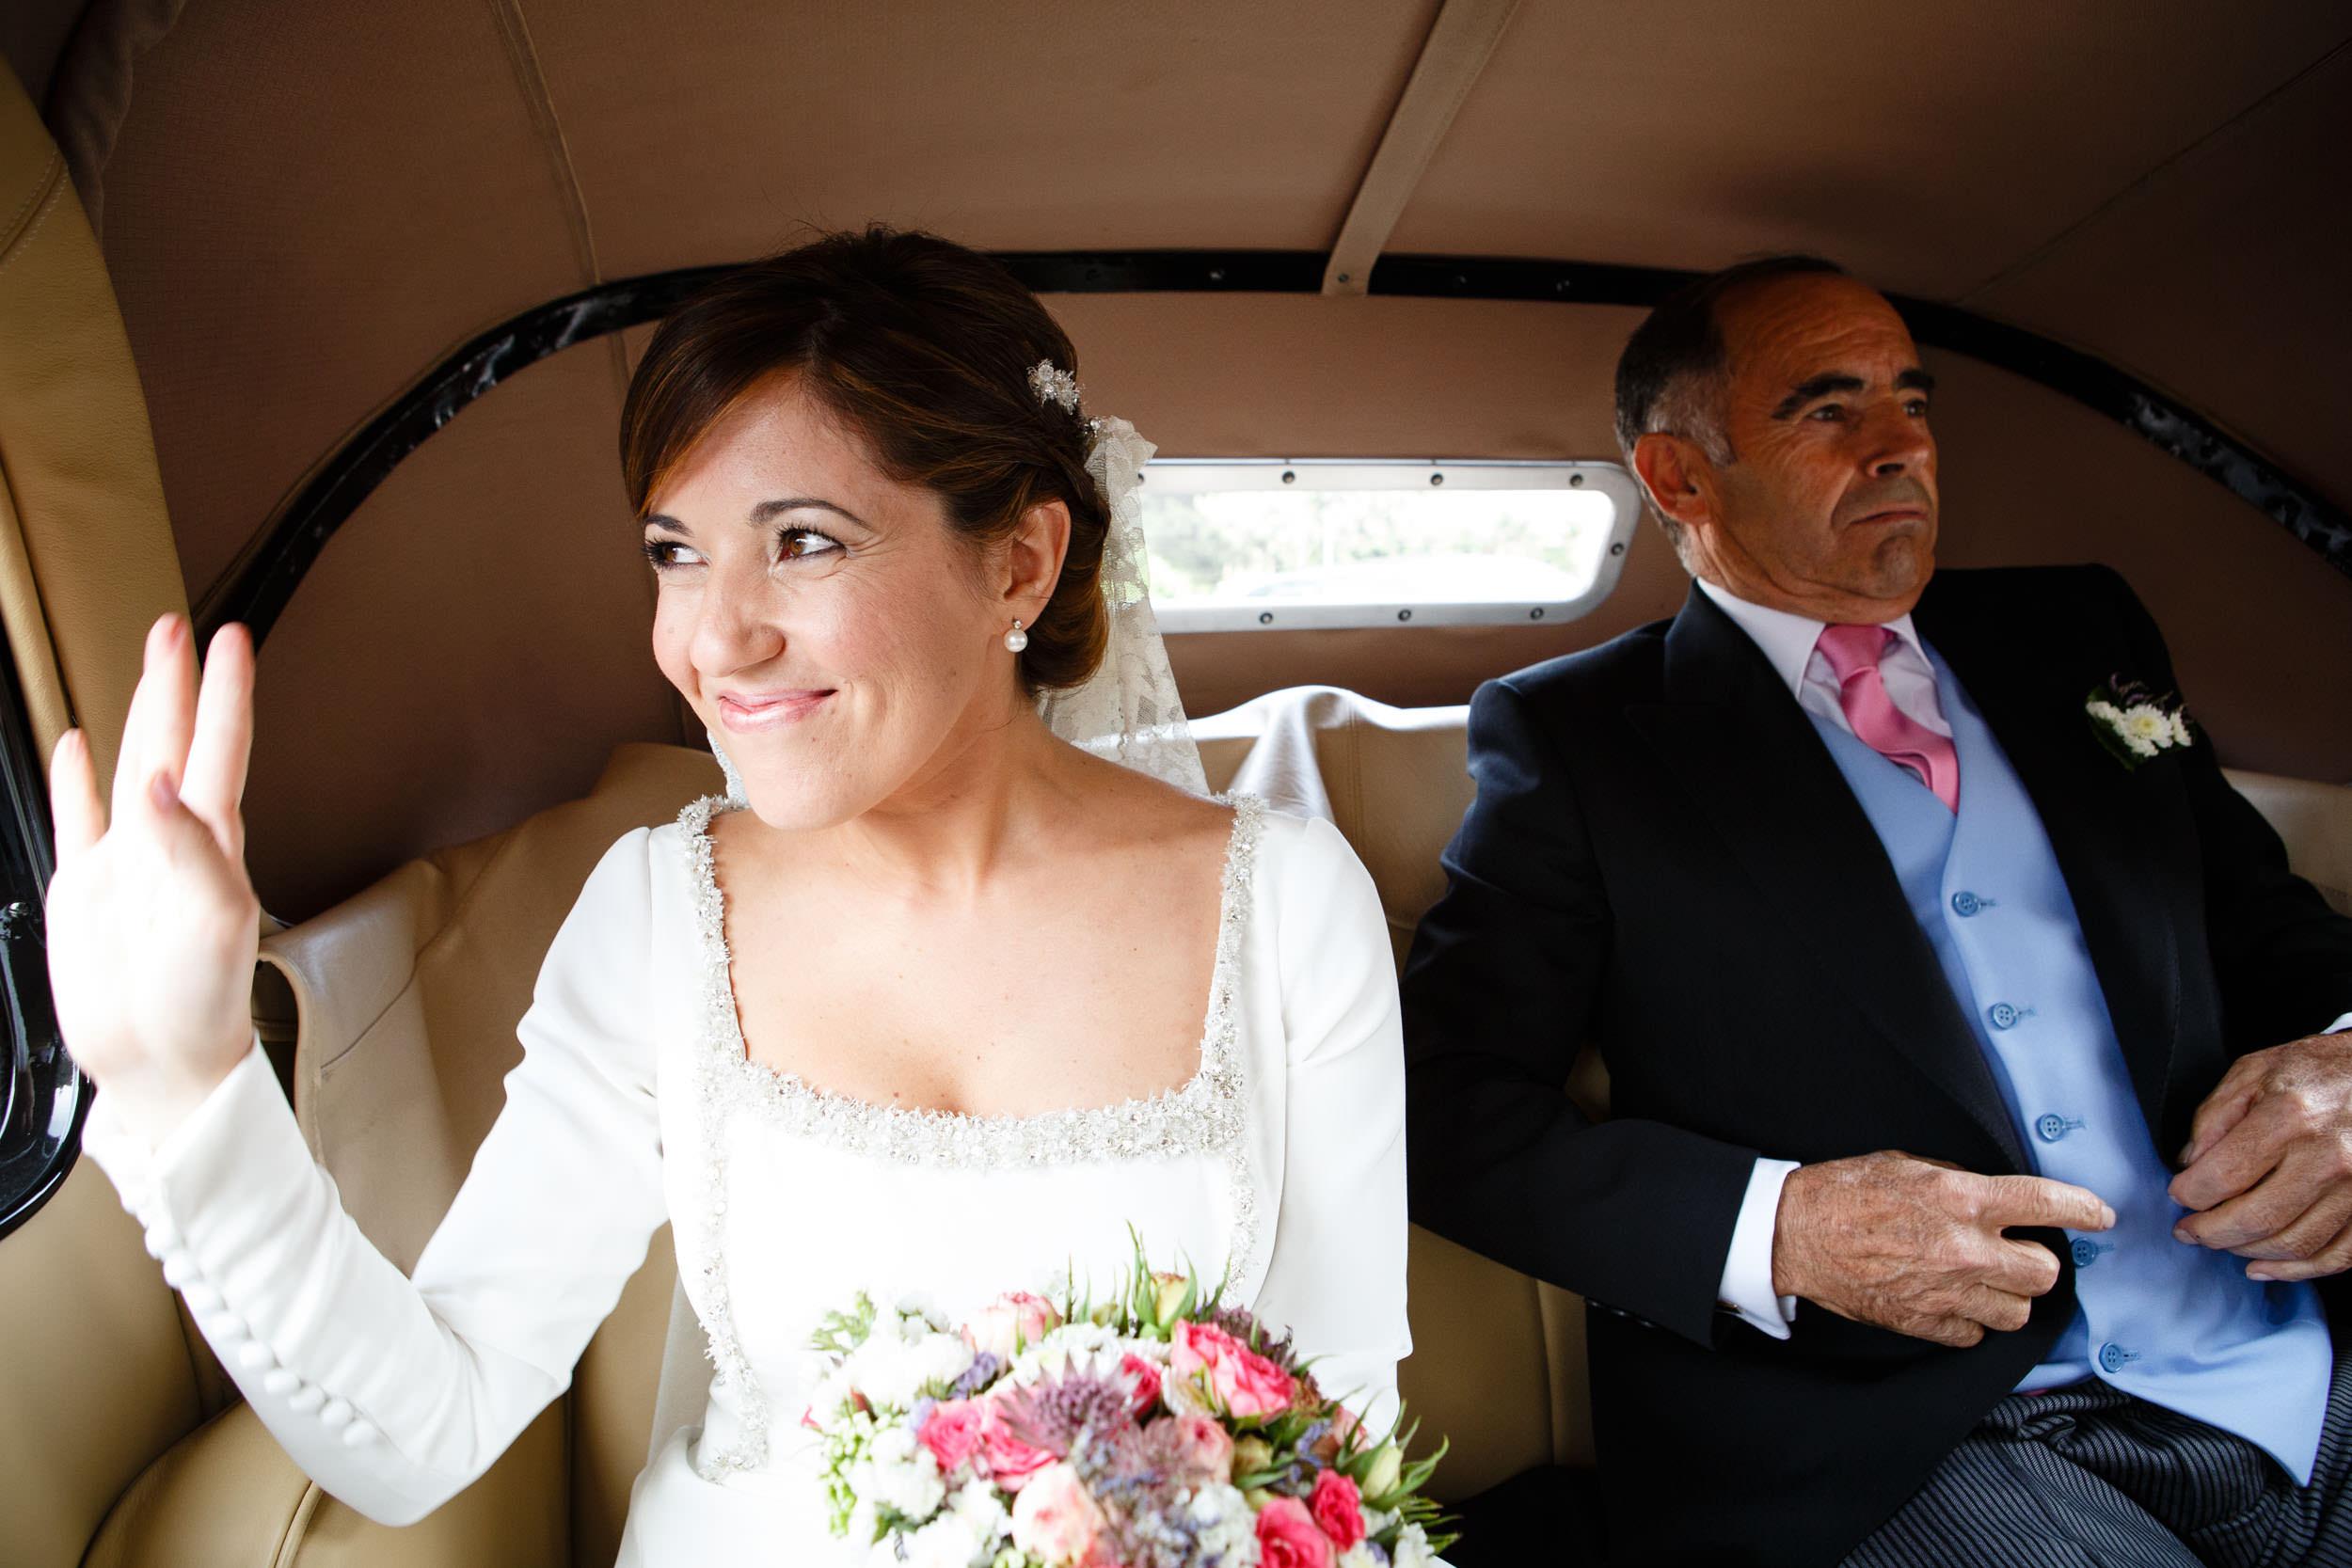 Fotografia de boda La Rioja Pais Vasco España - James Sturcke - sturcke.org_018.jpg